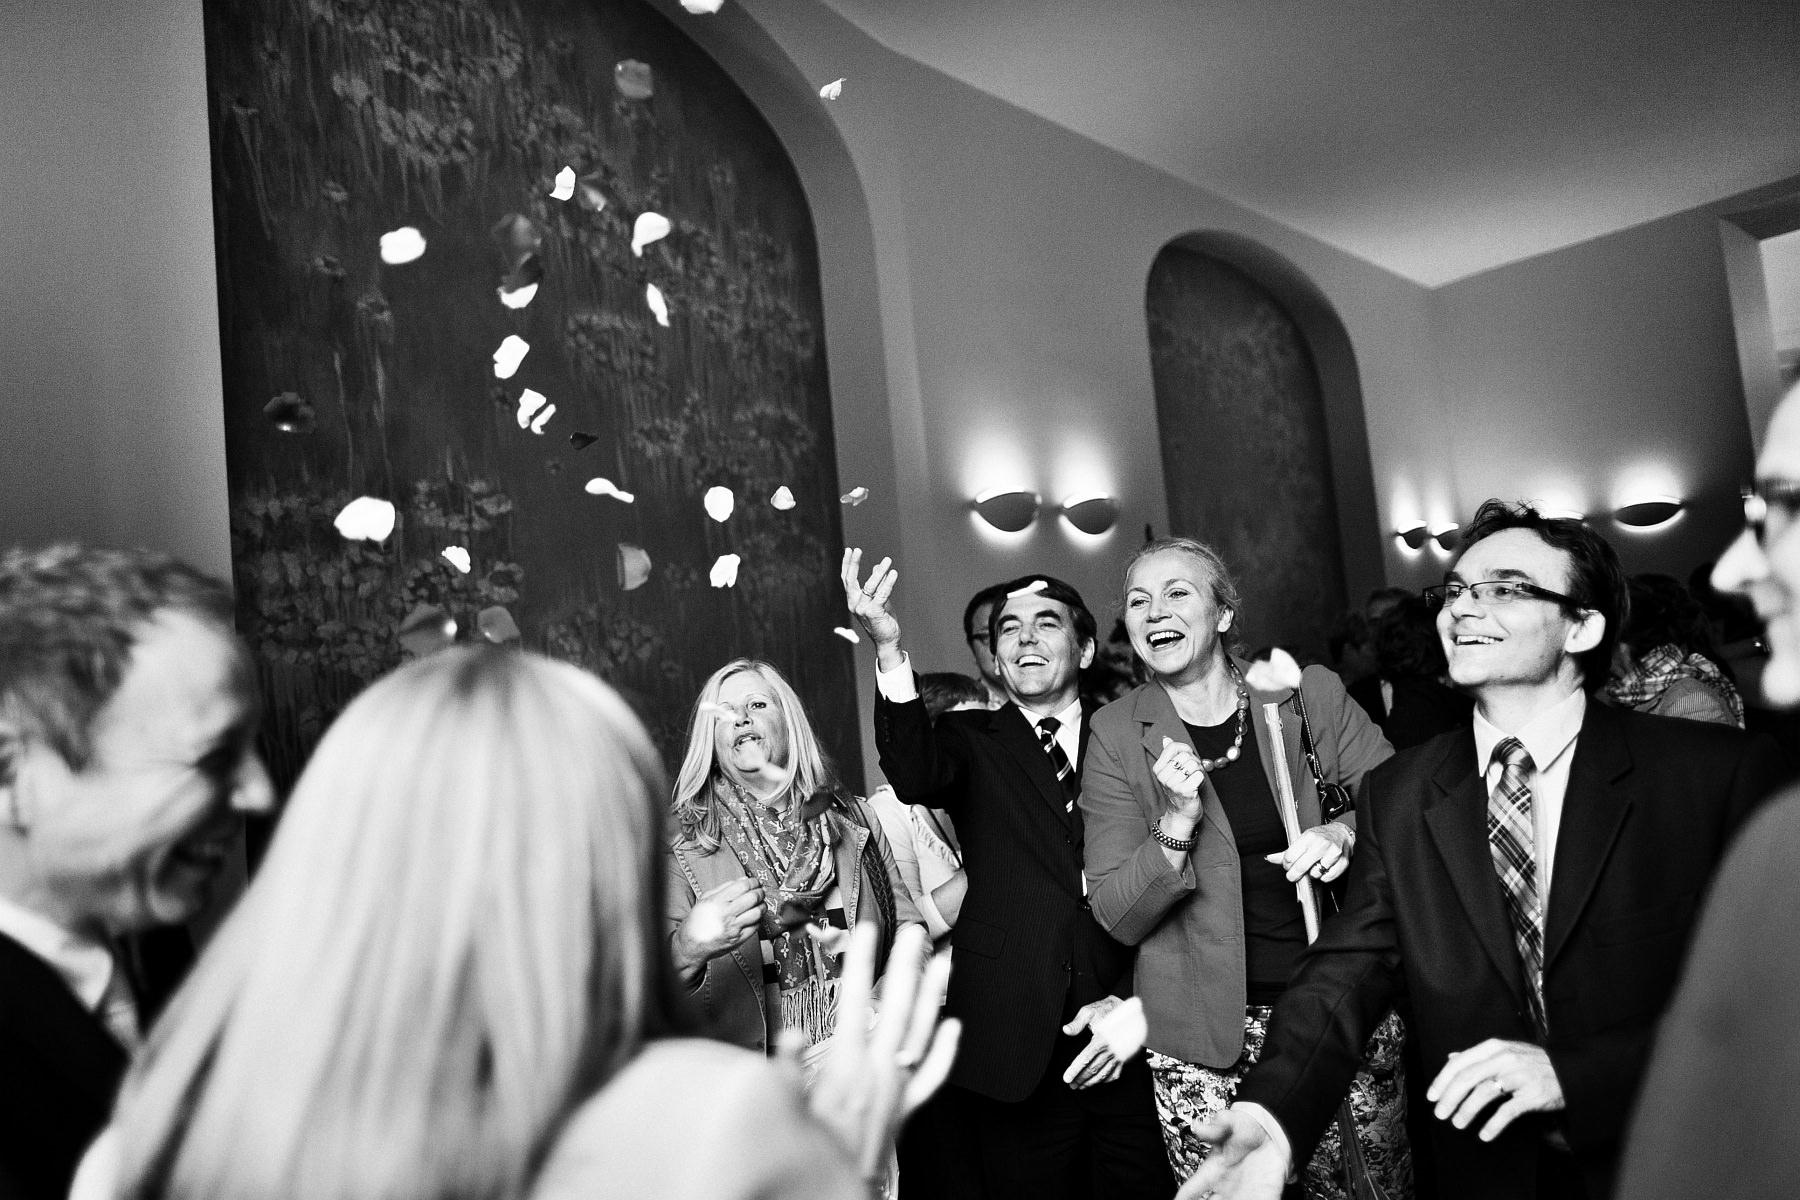 Fotografia ślubna. Kinga & Kevin, ceremonia zaślubin (USC, Warszawa).